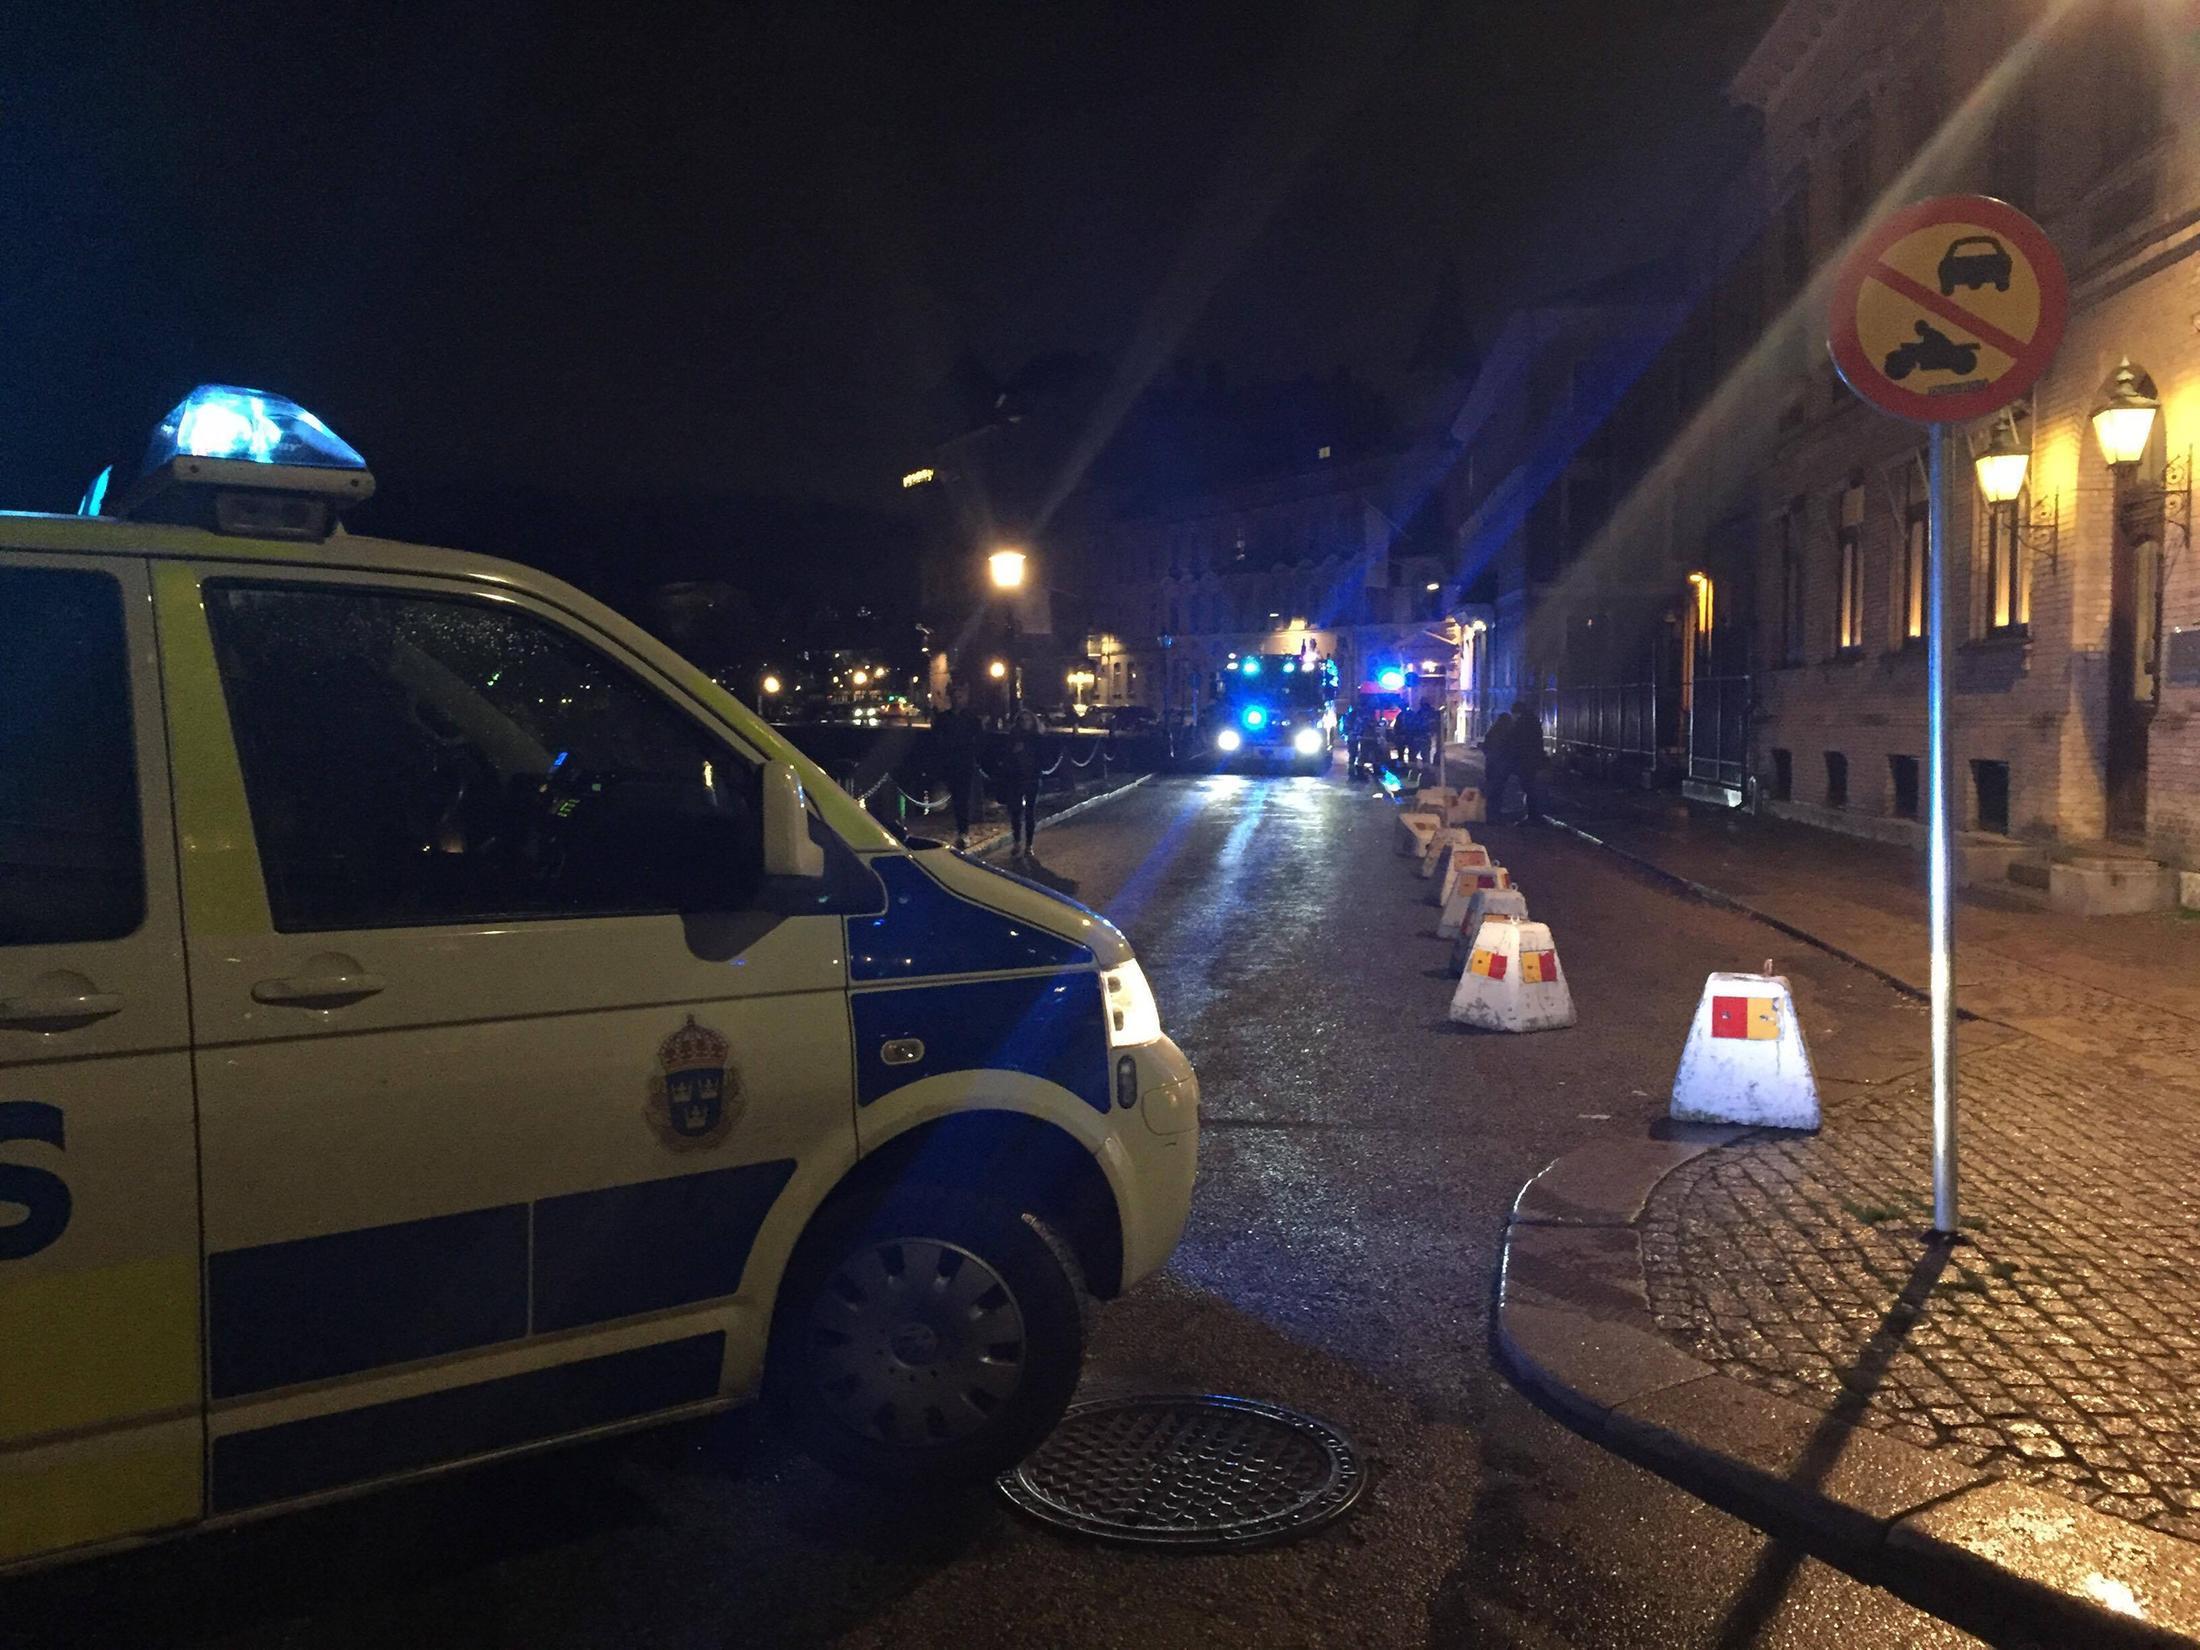 Gothenburg Sweden synogogue